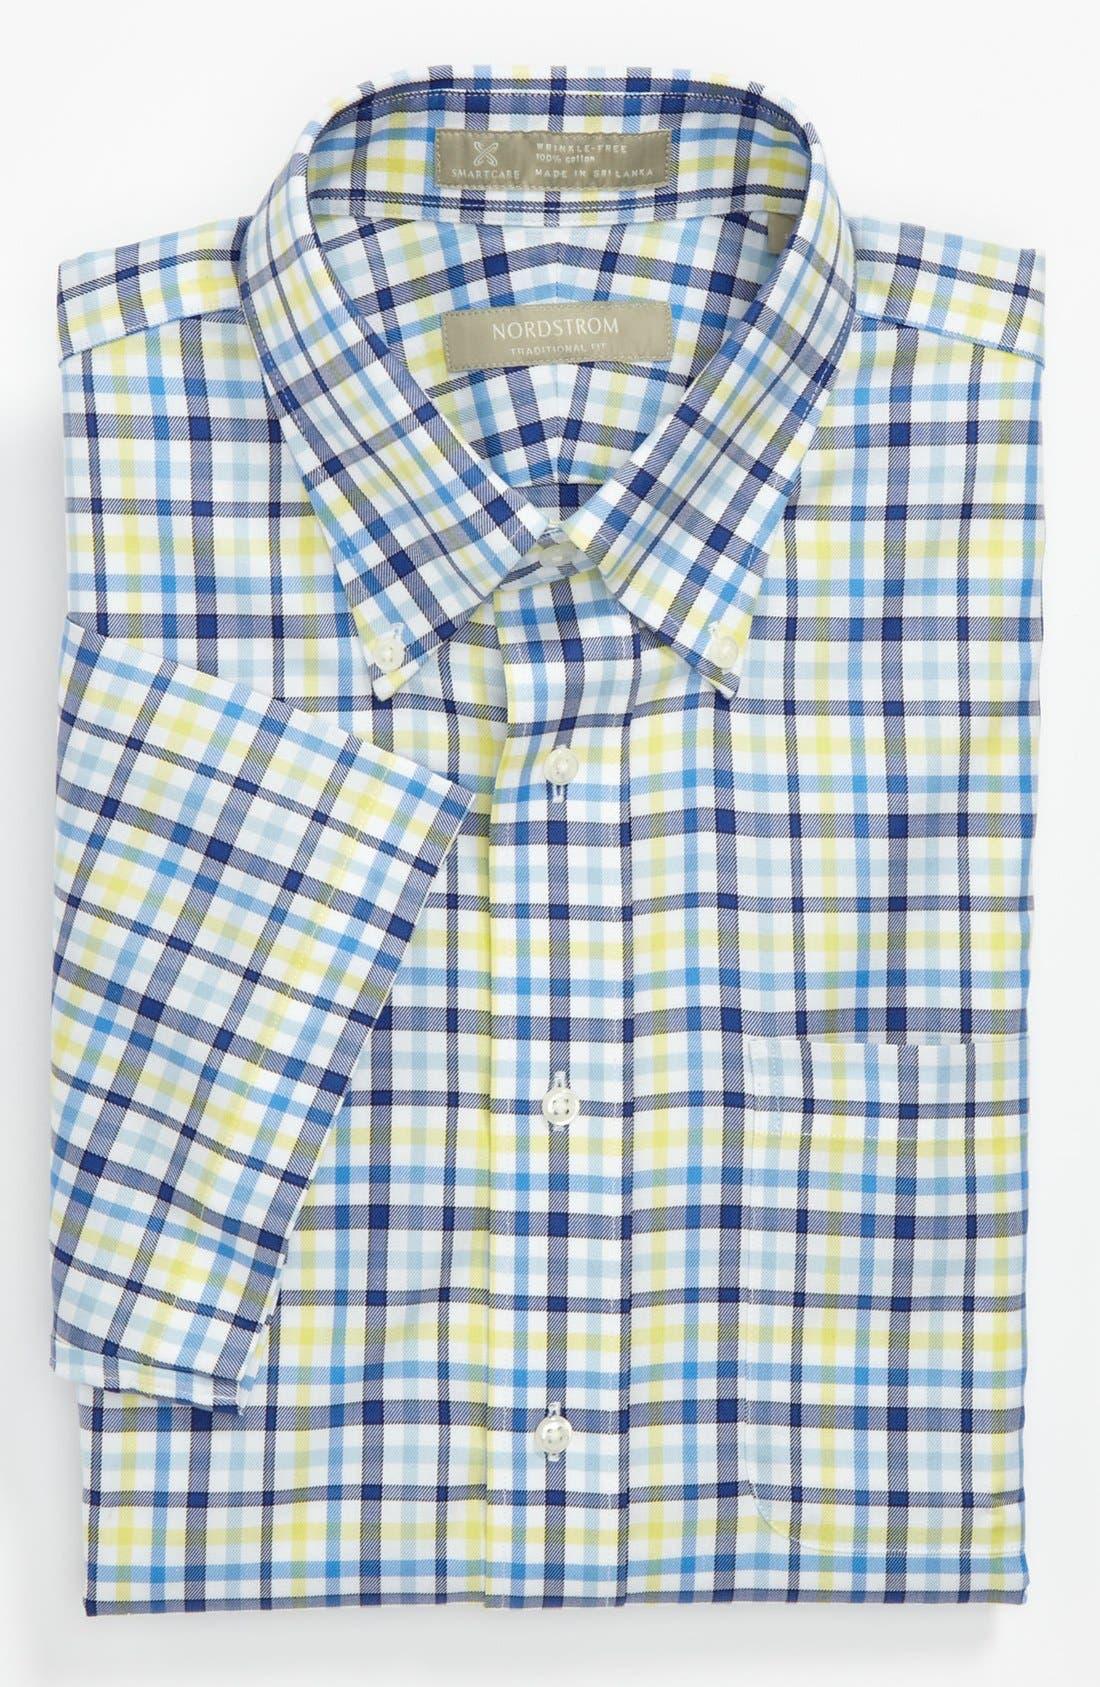 Alternate Image 4  - Nordstrom Smartcare™ Traditional Fit Short Sleeve Dress Shirt